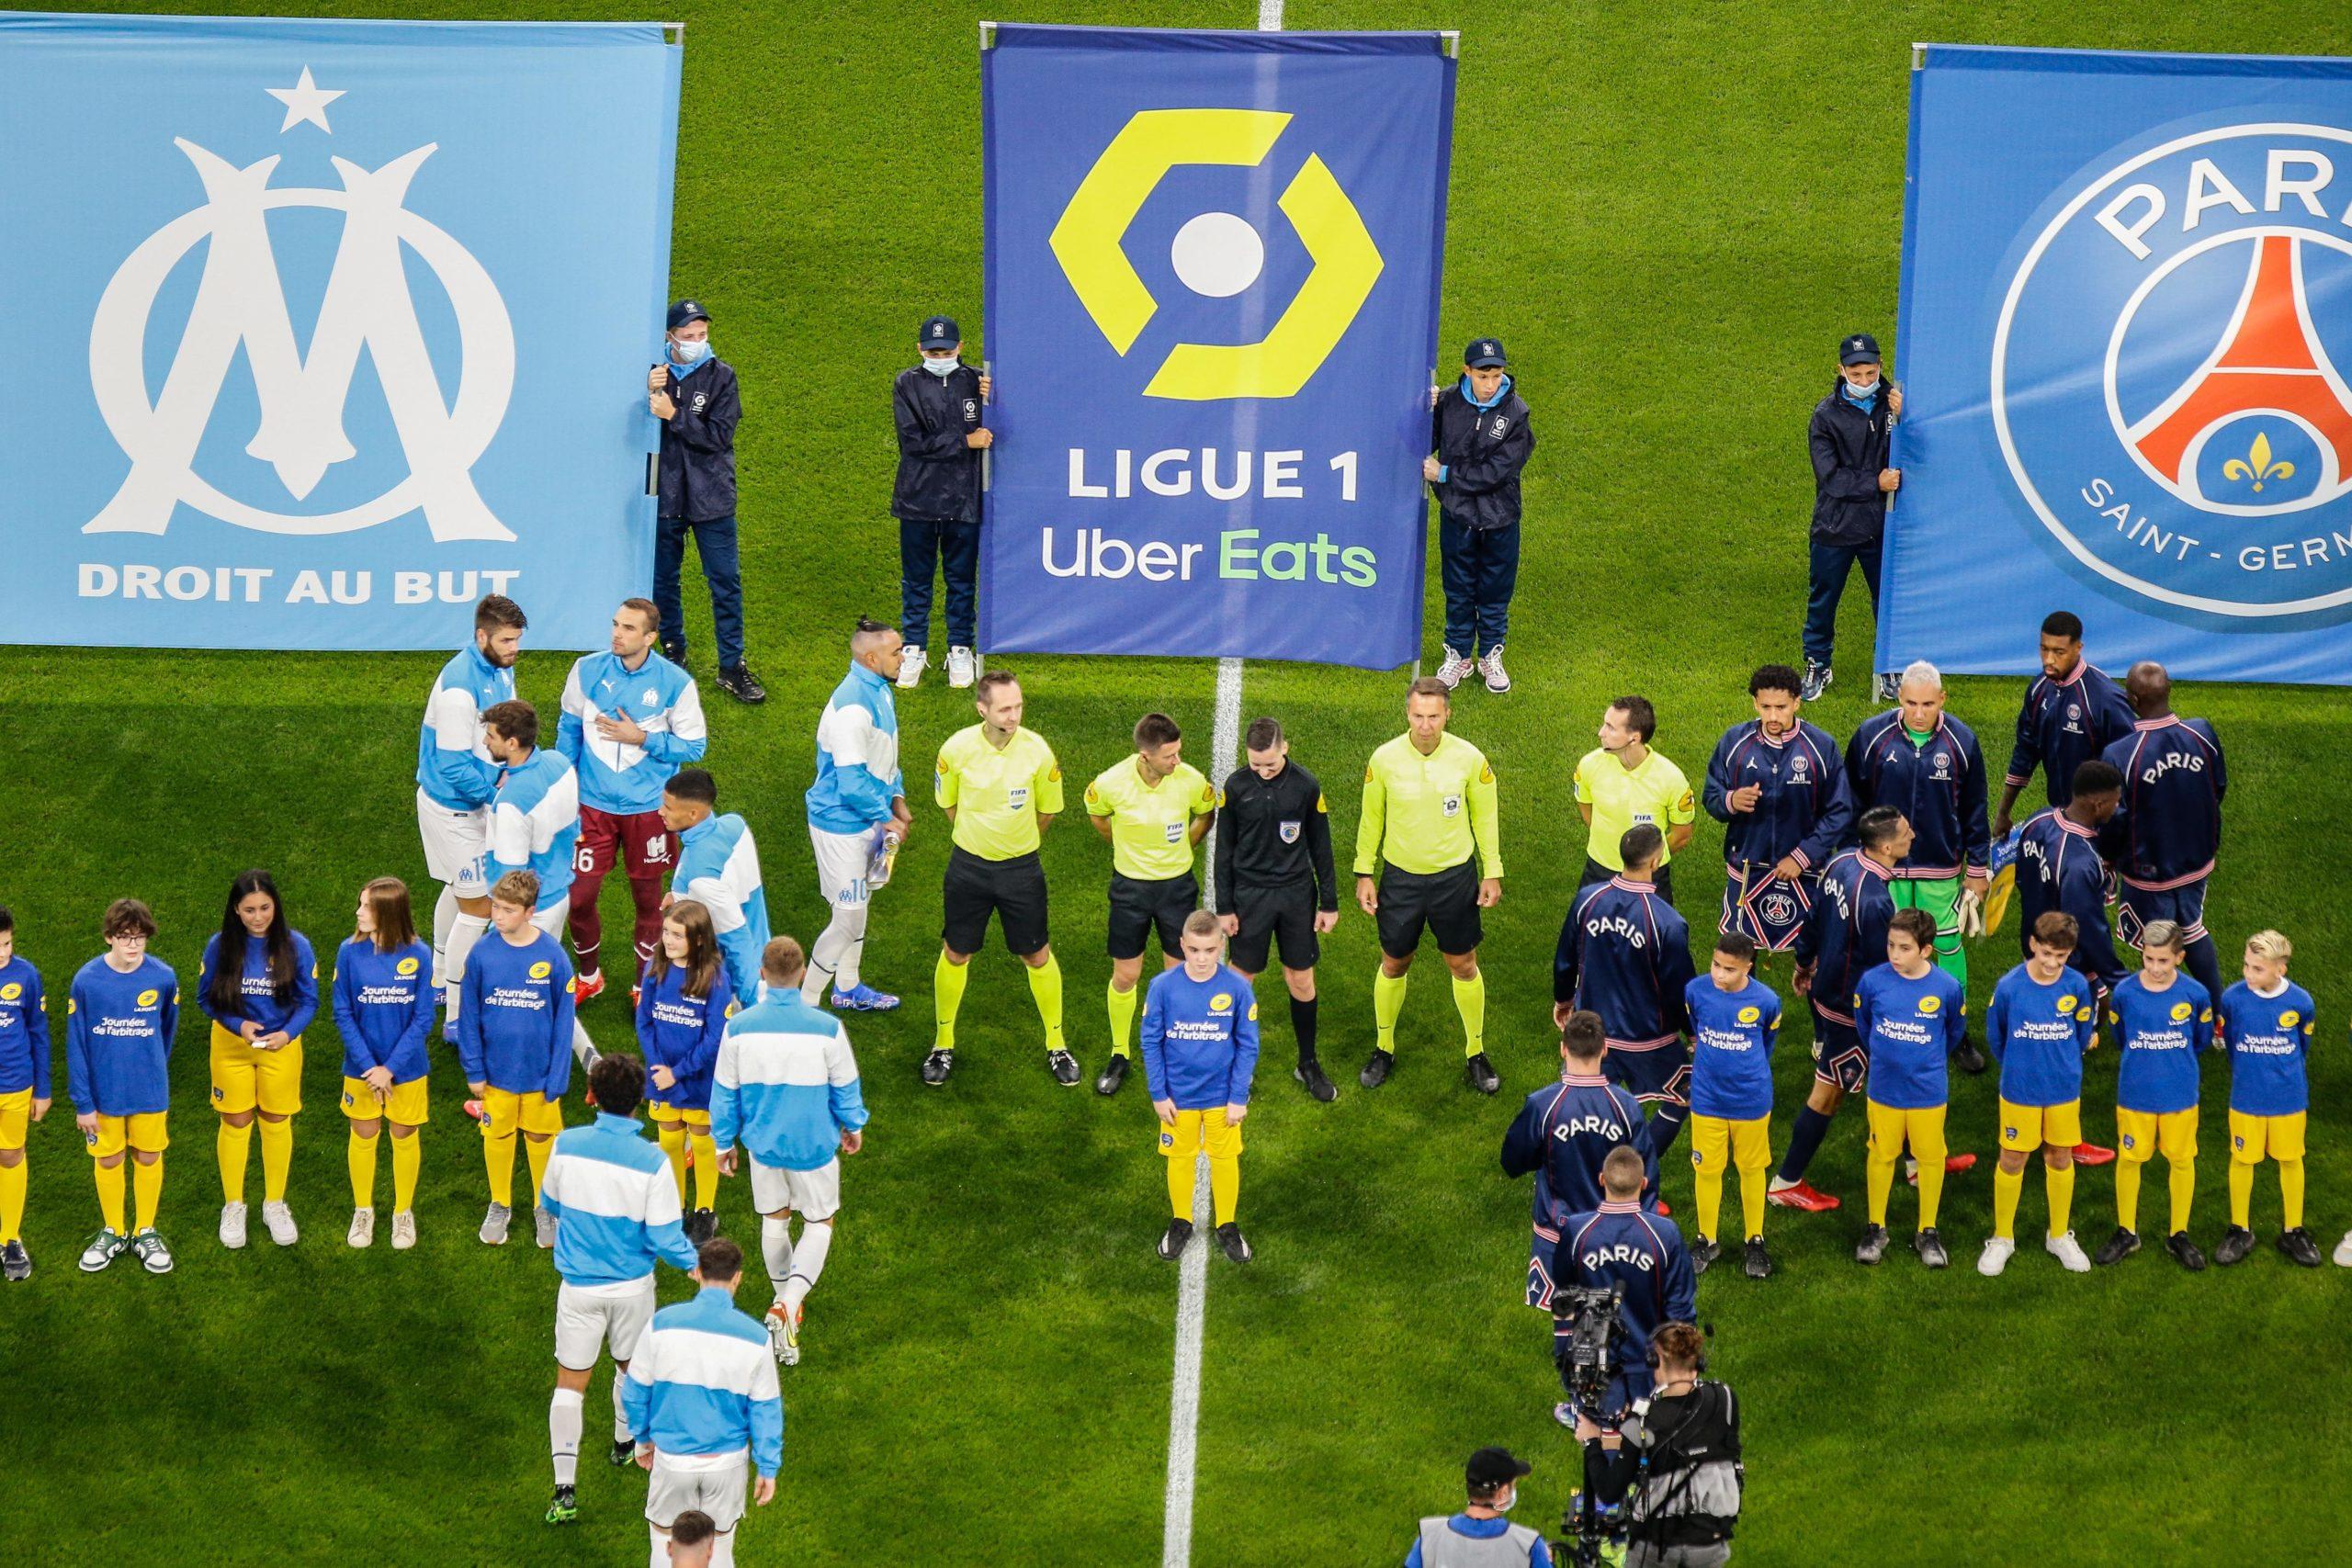 OM - Pour Daniel Riolo, Marseille a joué contre nature